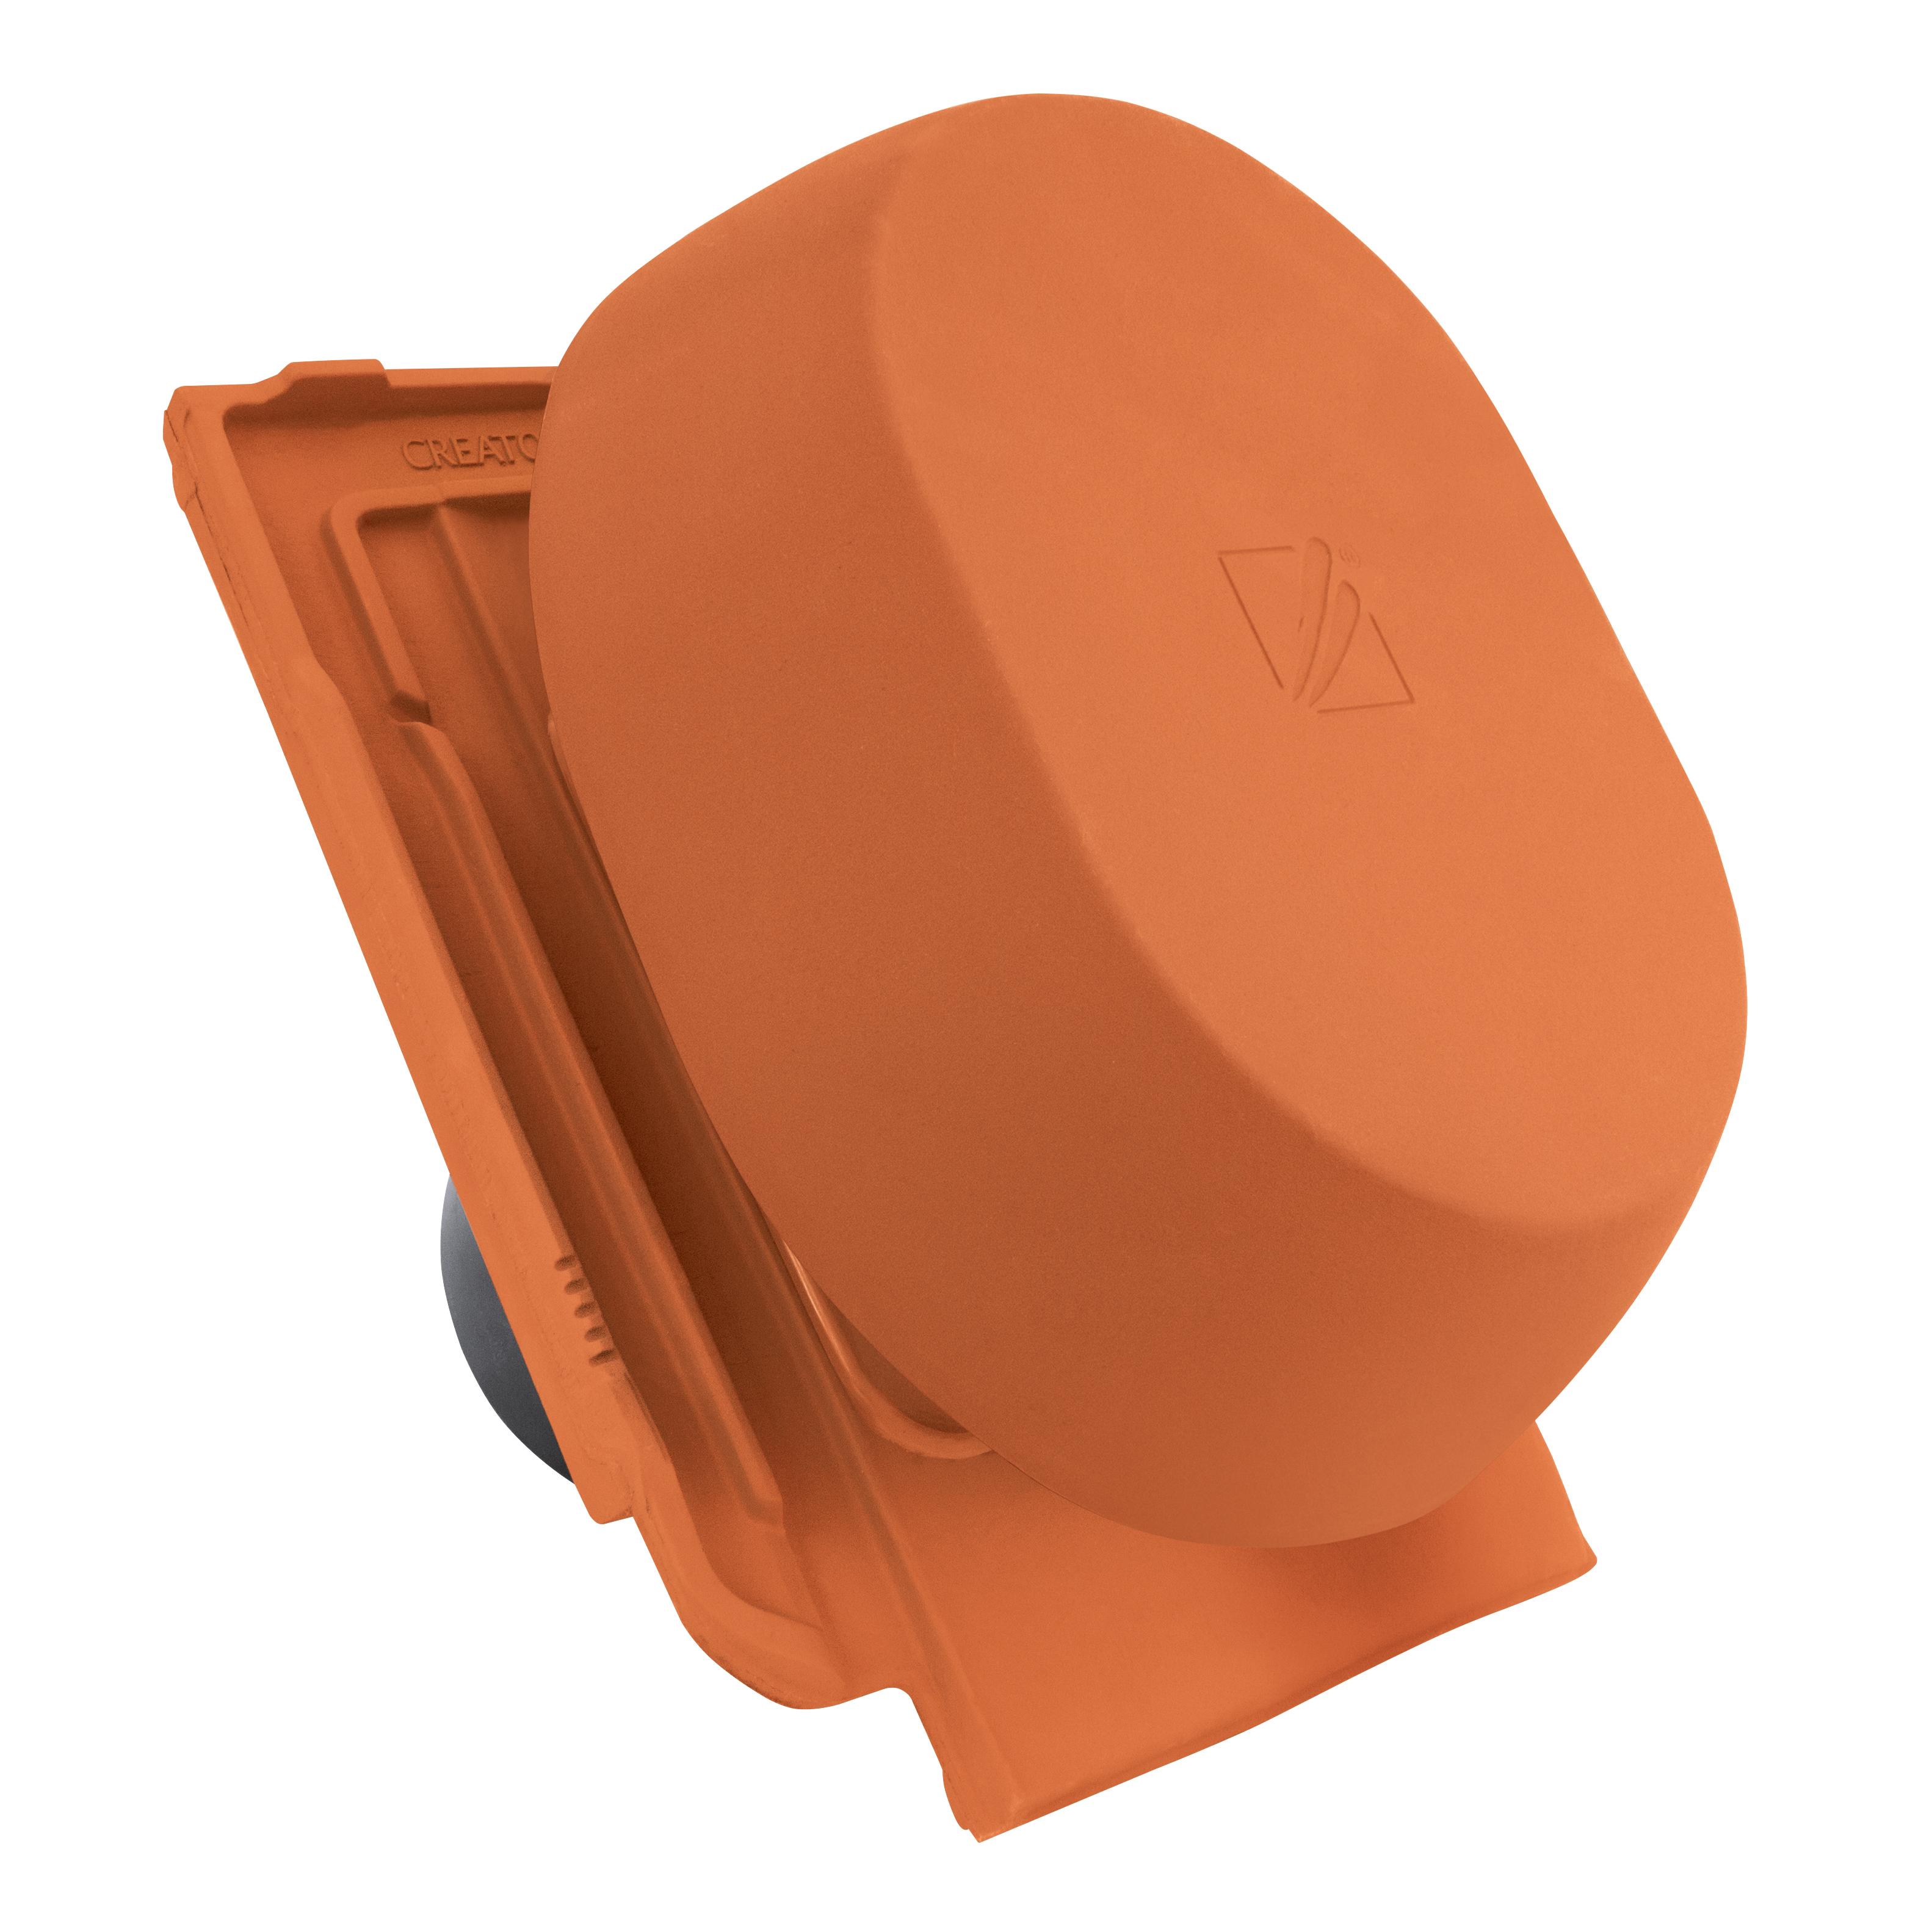 Керамічний вентиляційний канал SIGNUM Ø 150 мм